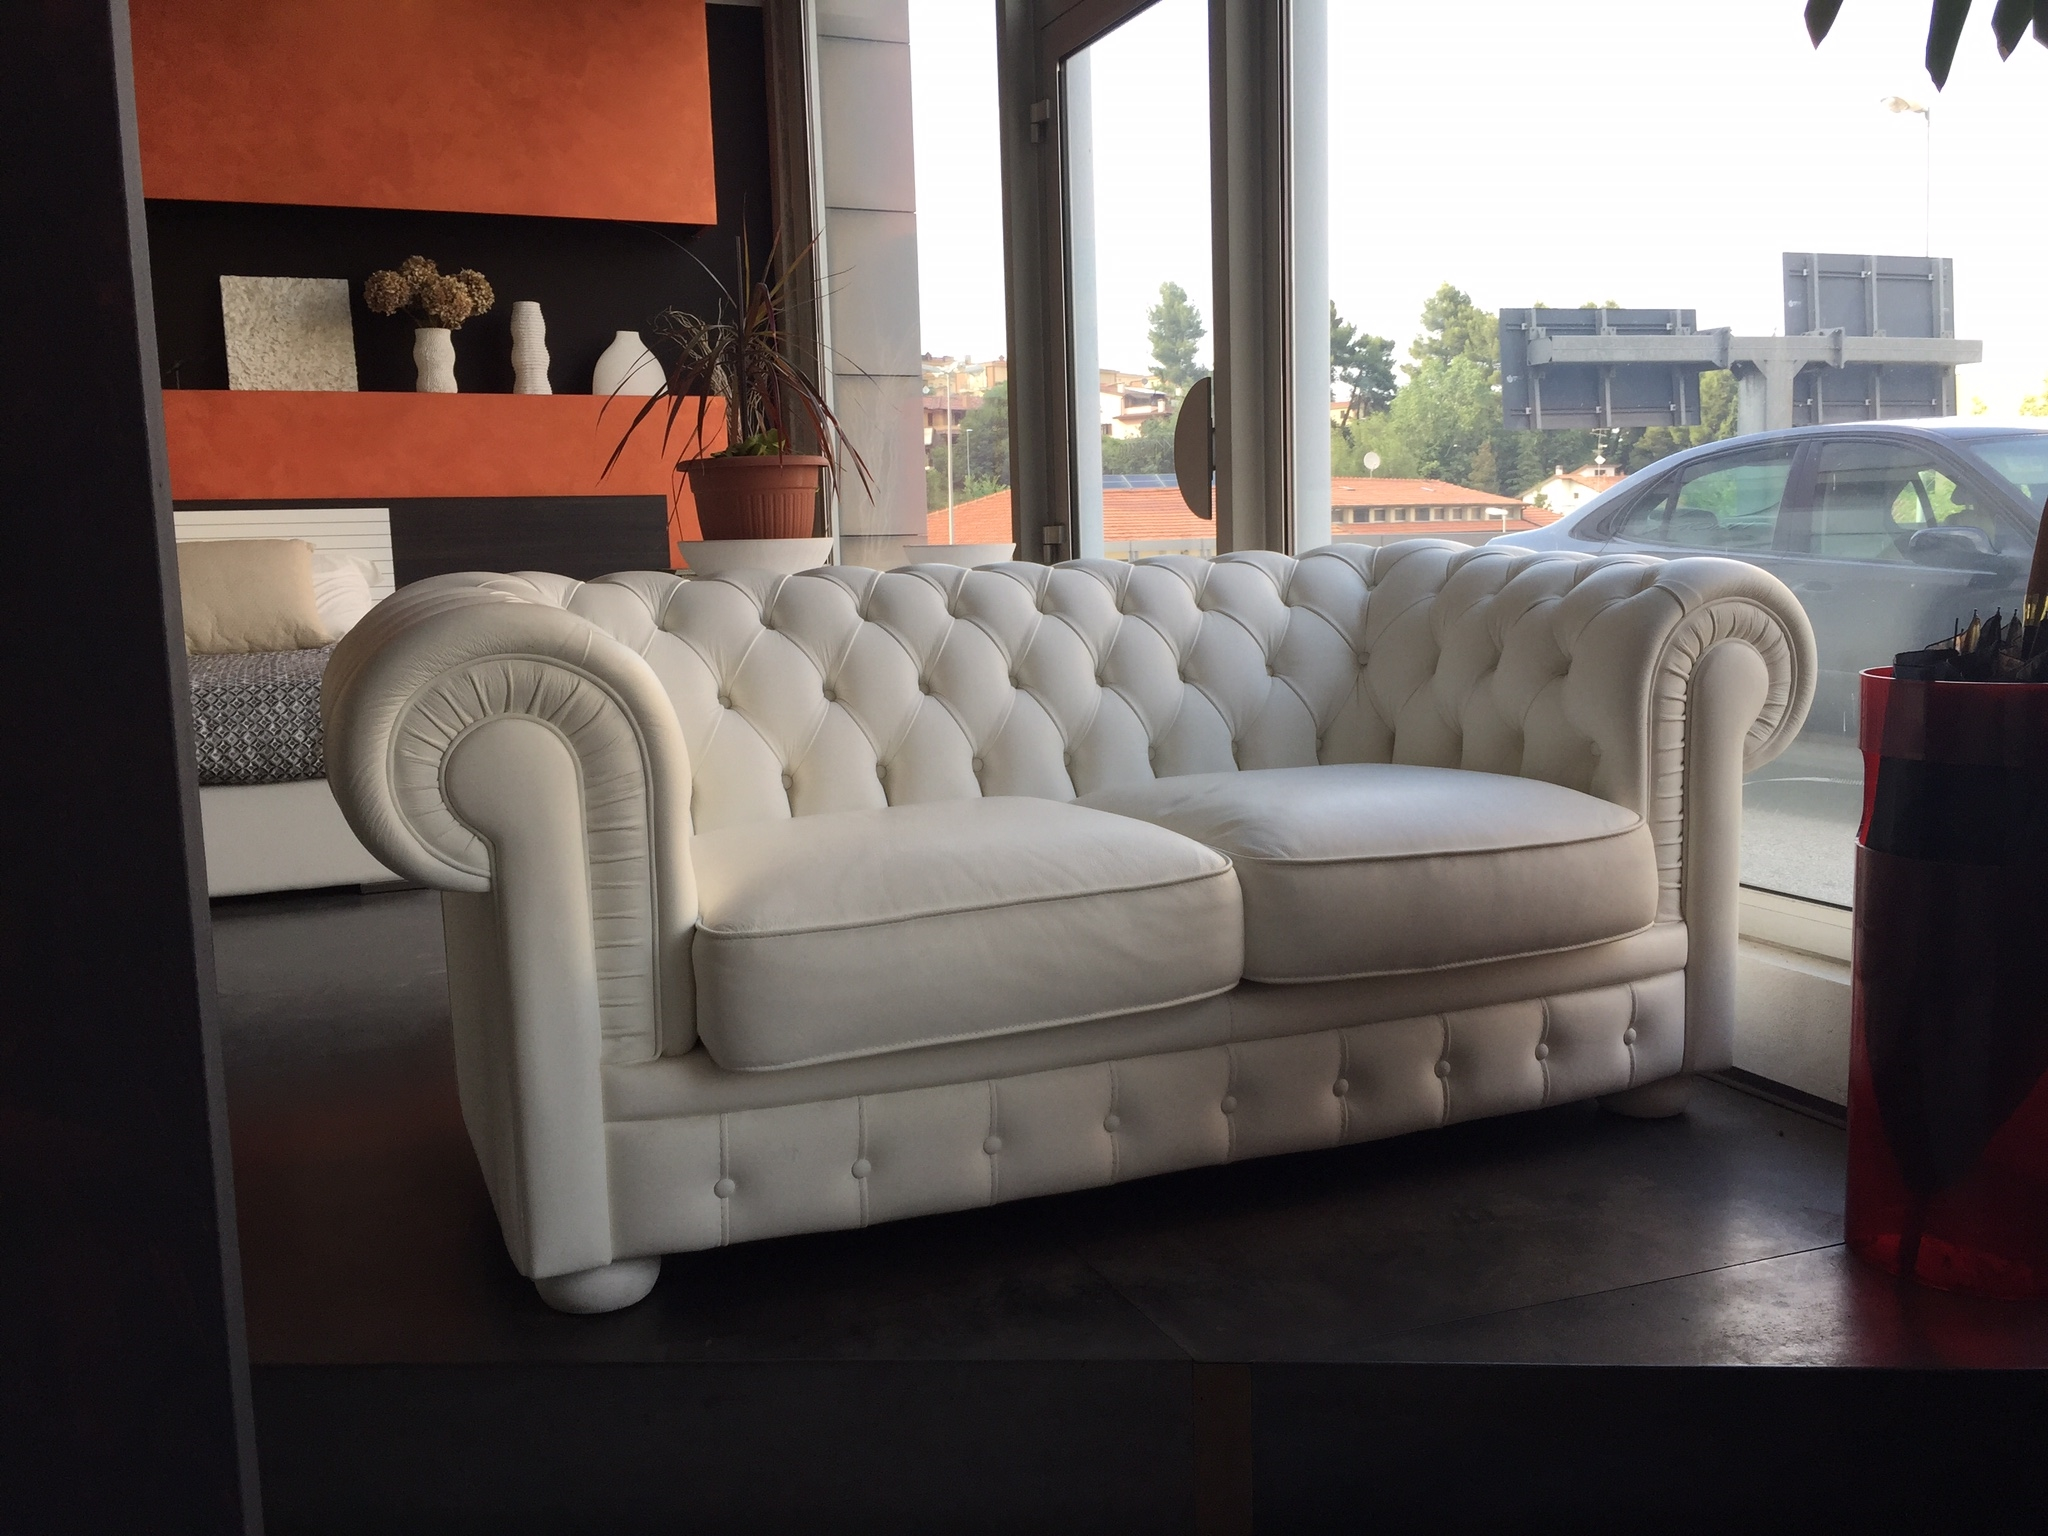 Divano doimo sofas alioth pelle chester sconto 67 for Divani pelle prezzi